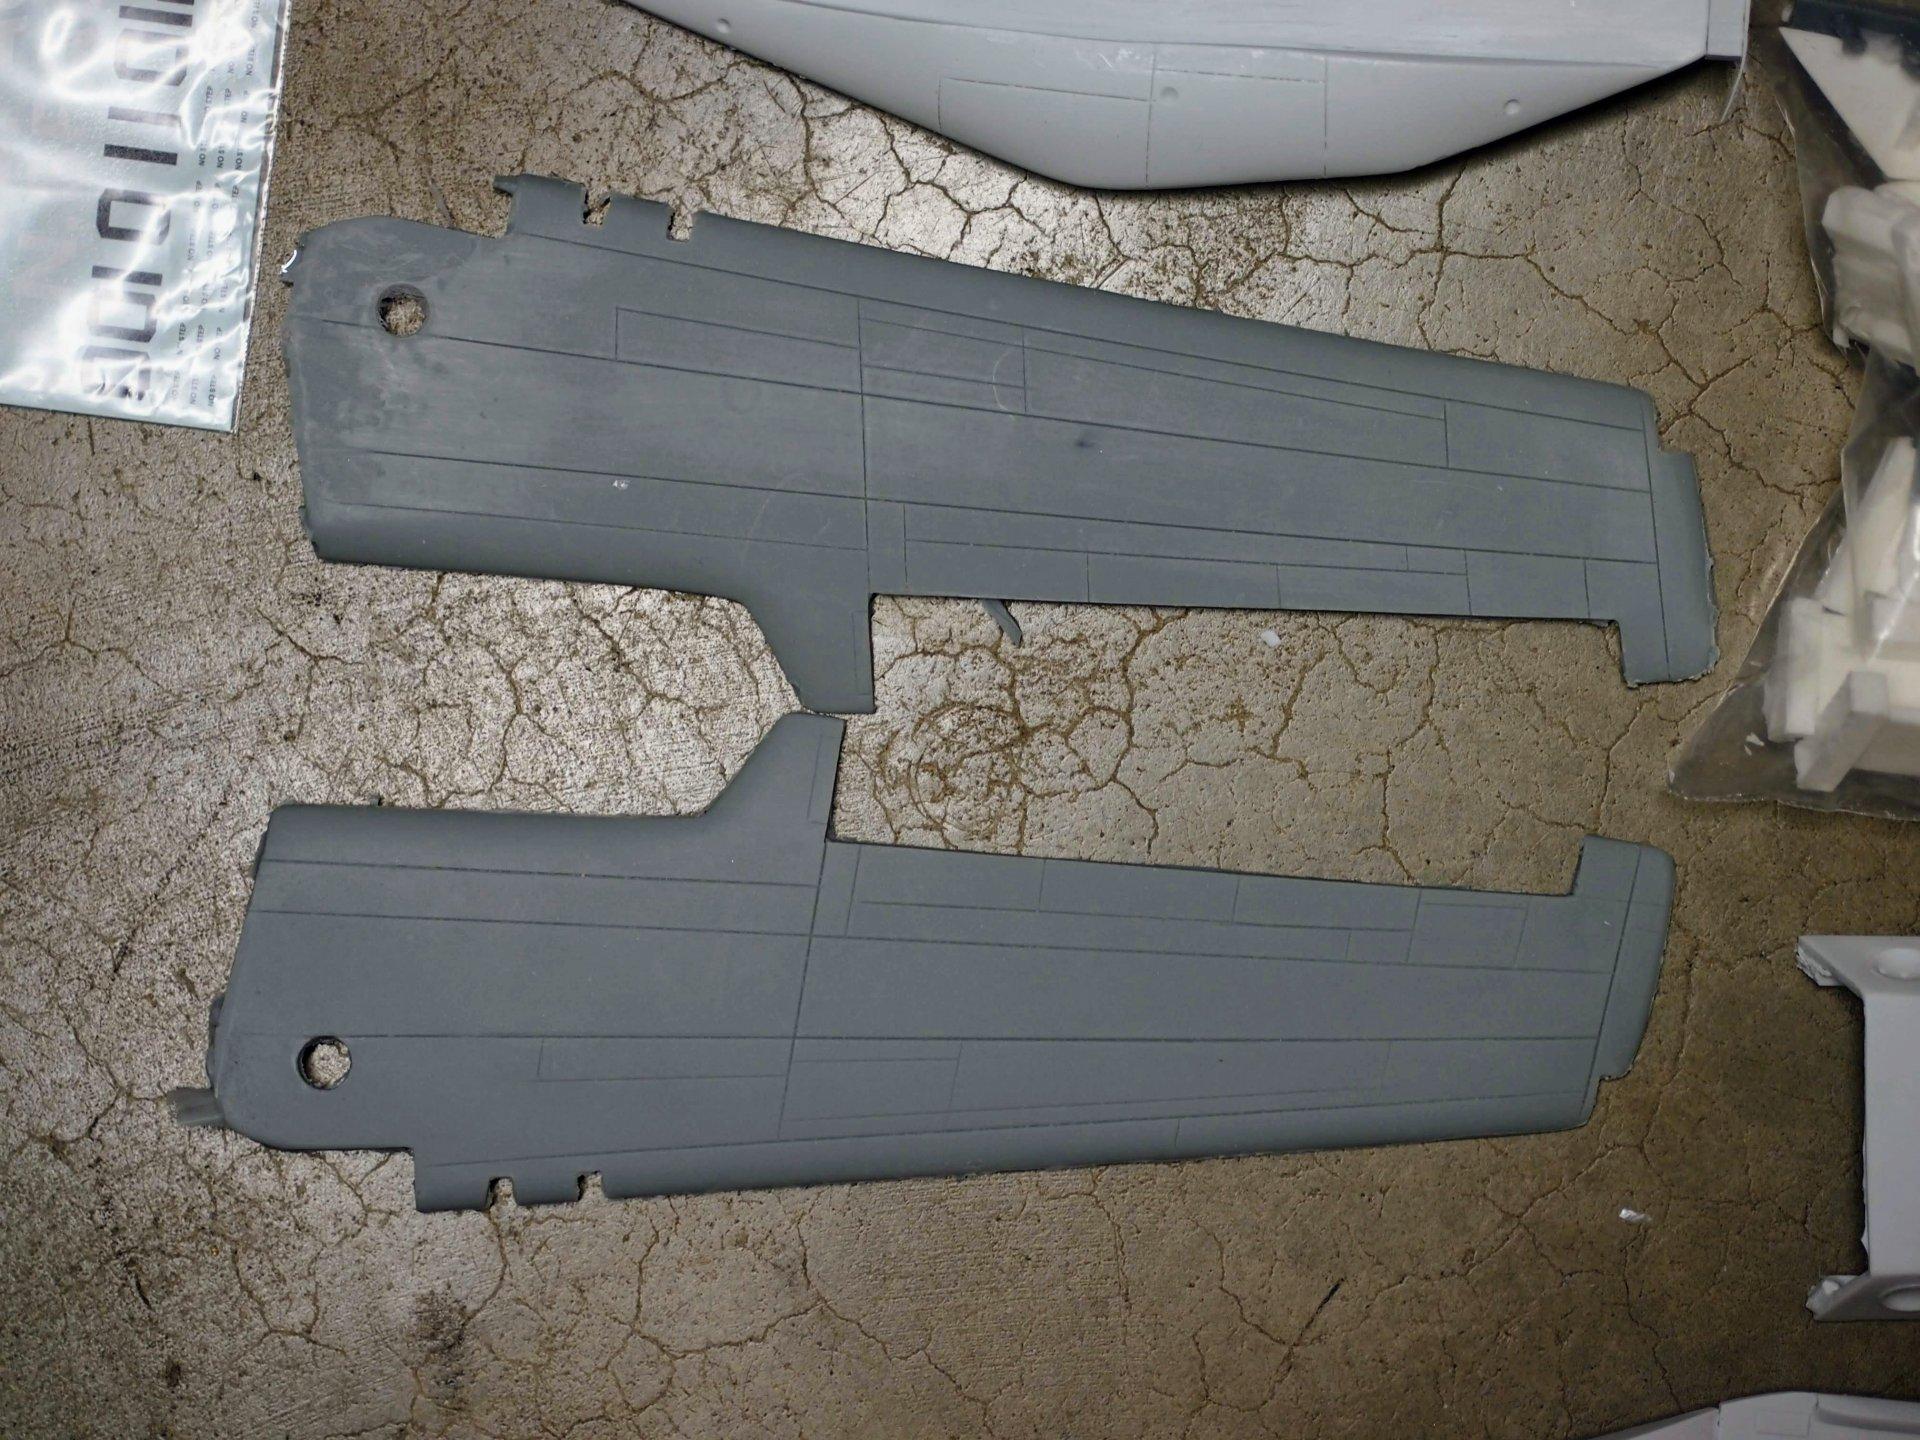 P9141002.thumb.JPG.6e0283ffc8dc22201cd60ae52cbaab31.JPG